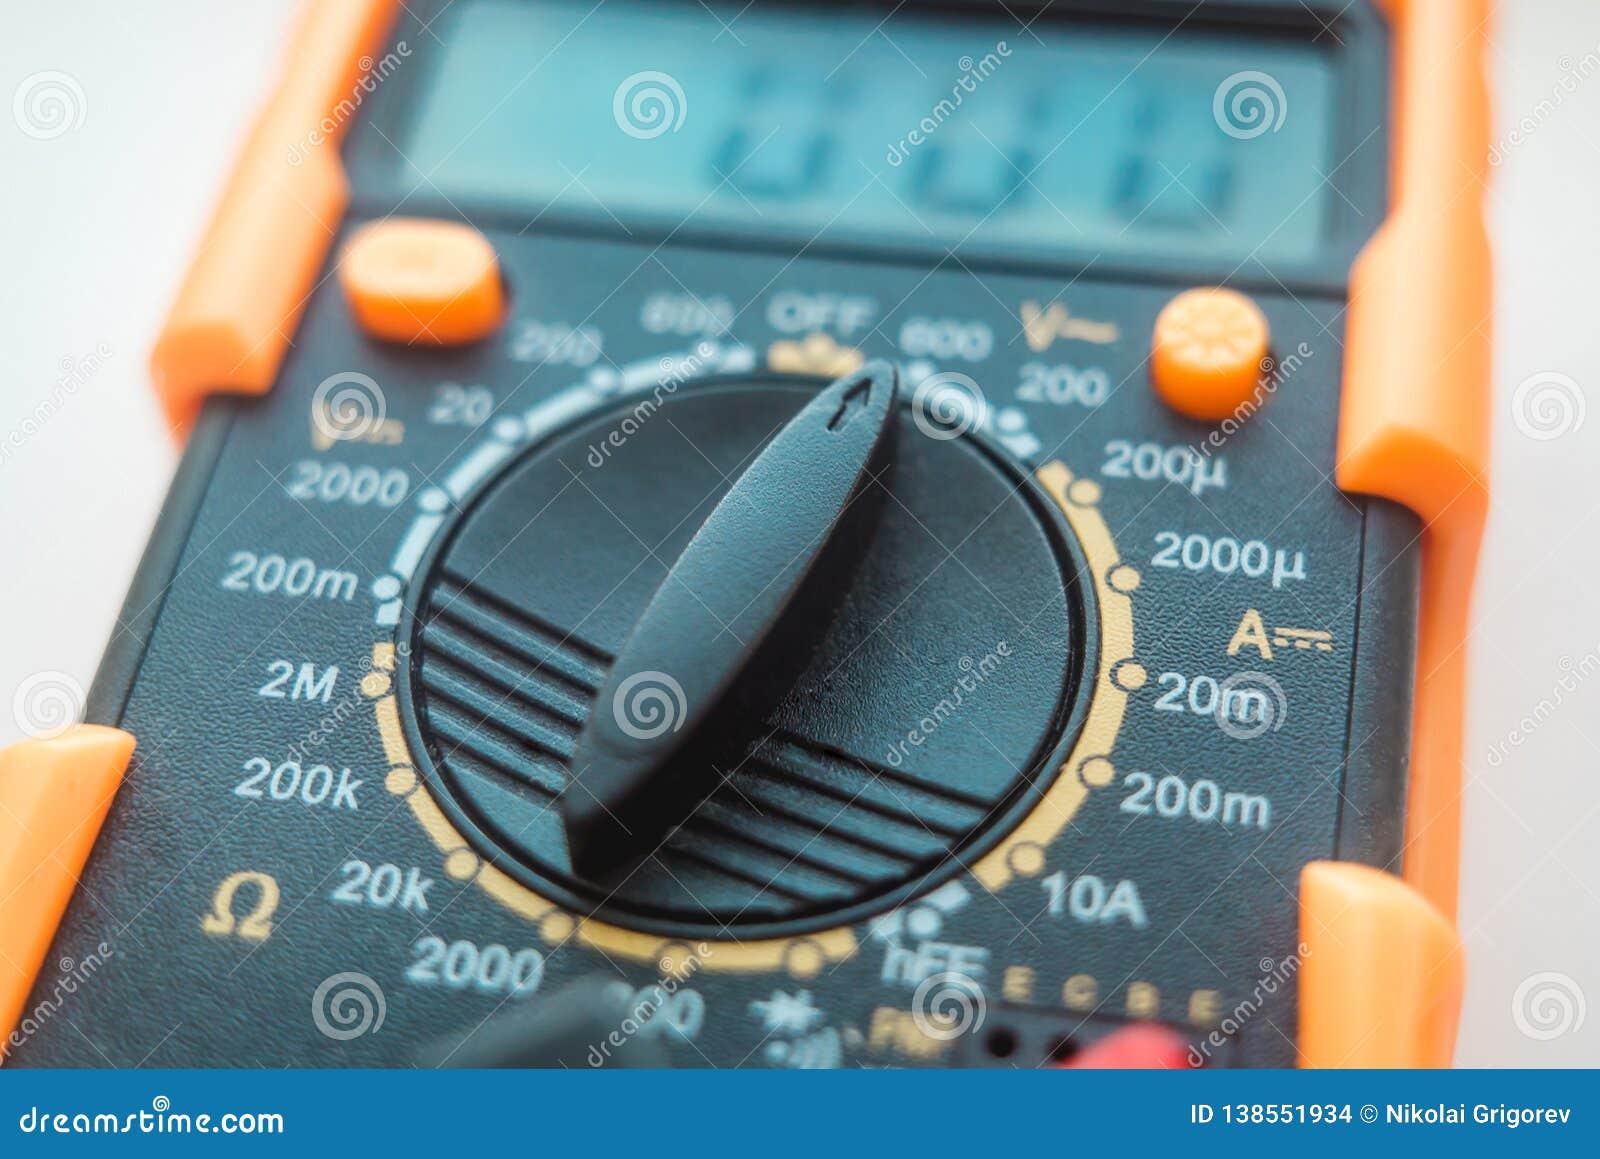 Fotografia przyrząd dla pomiaru prąd i napięcia elektryczność